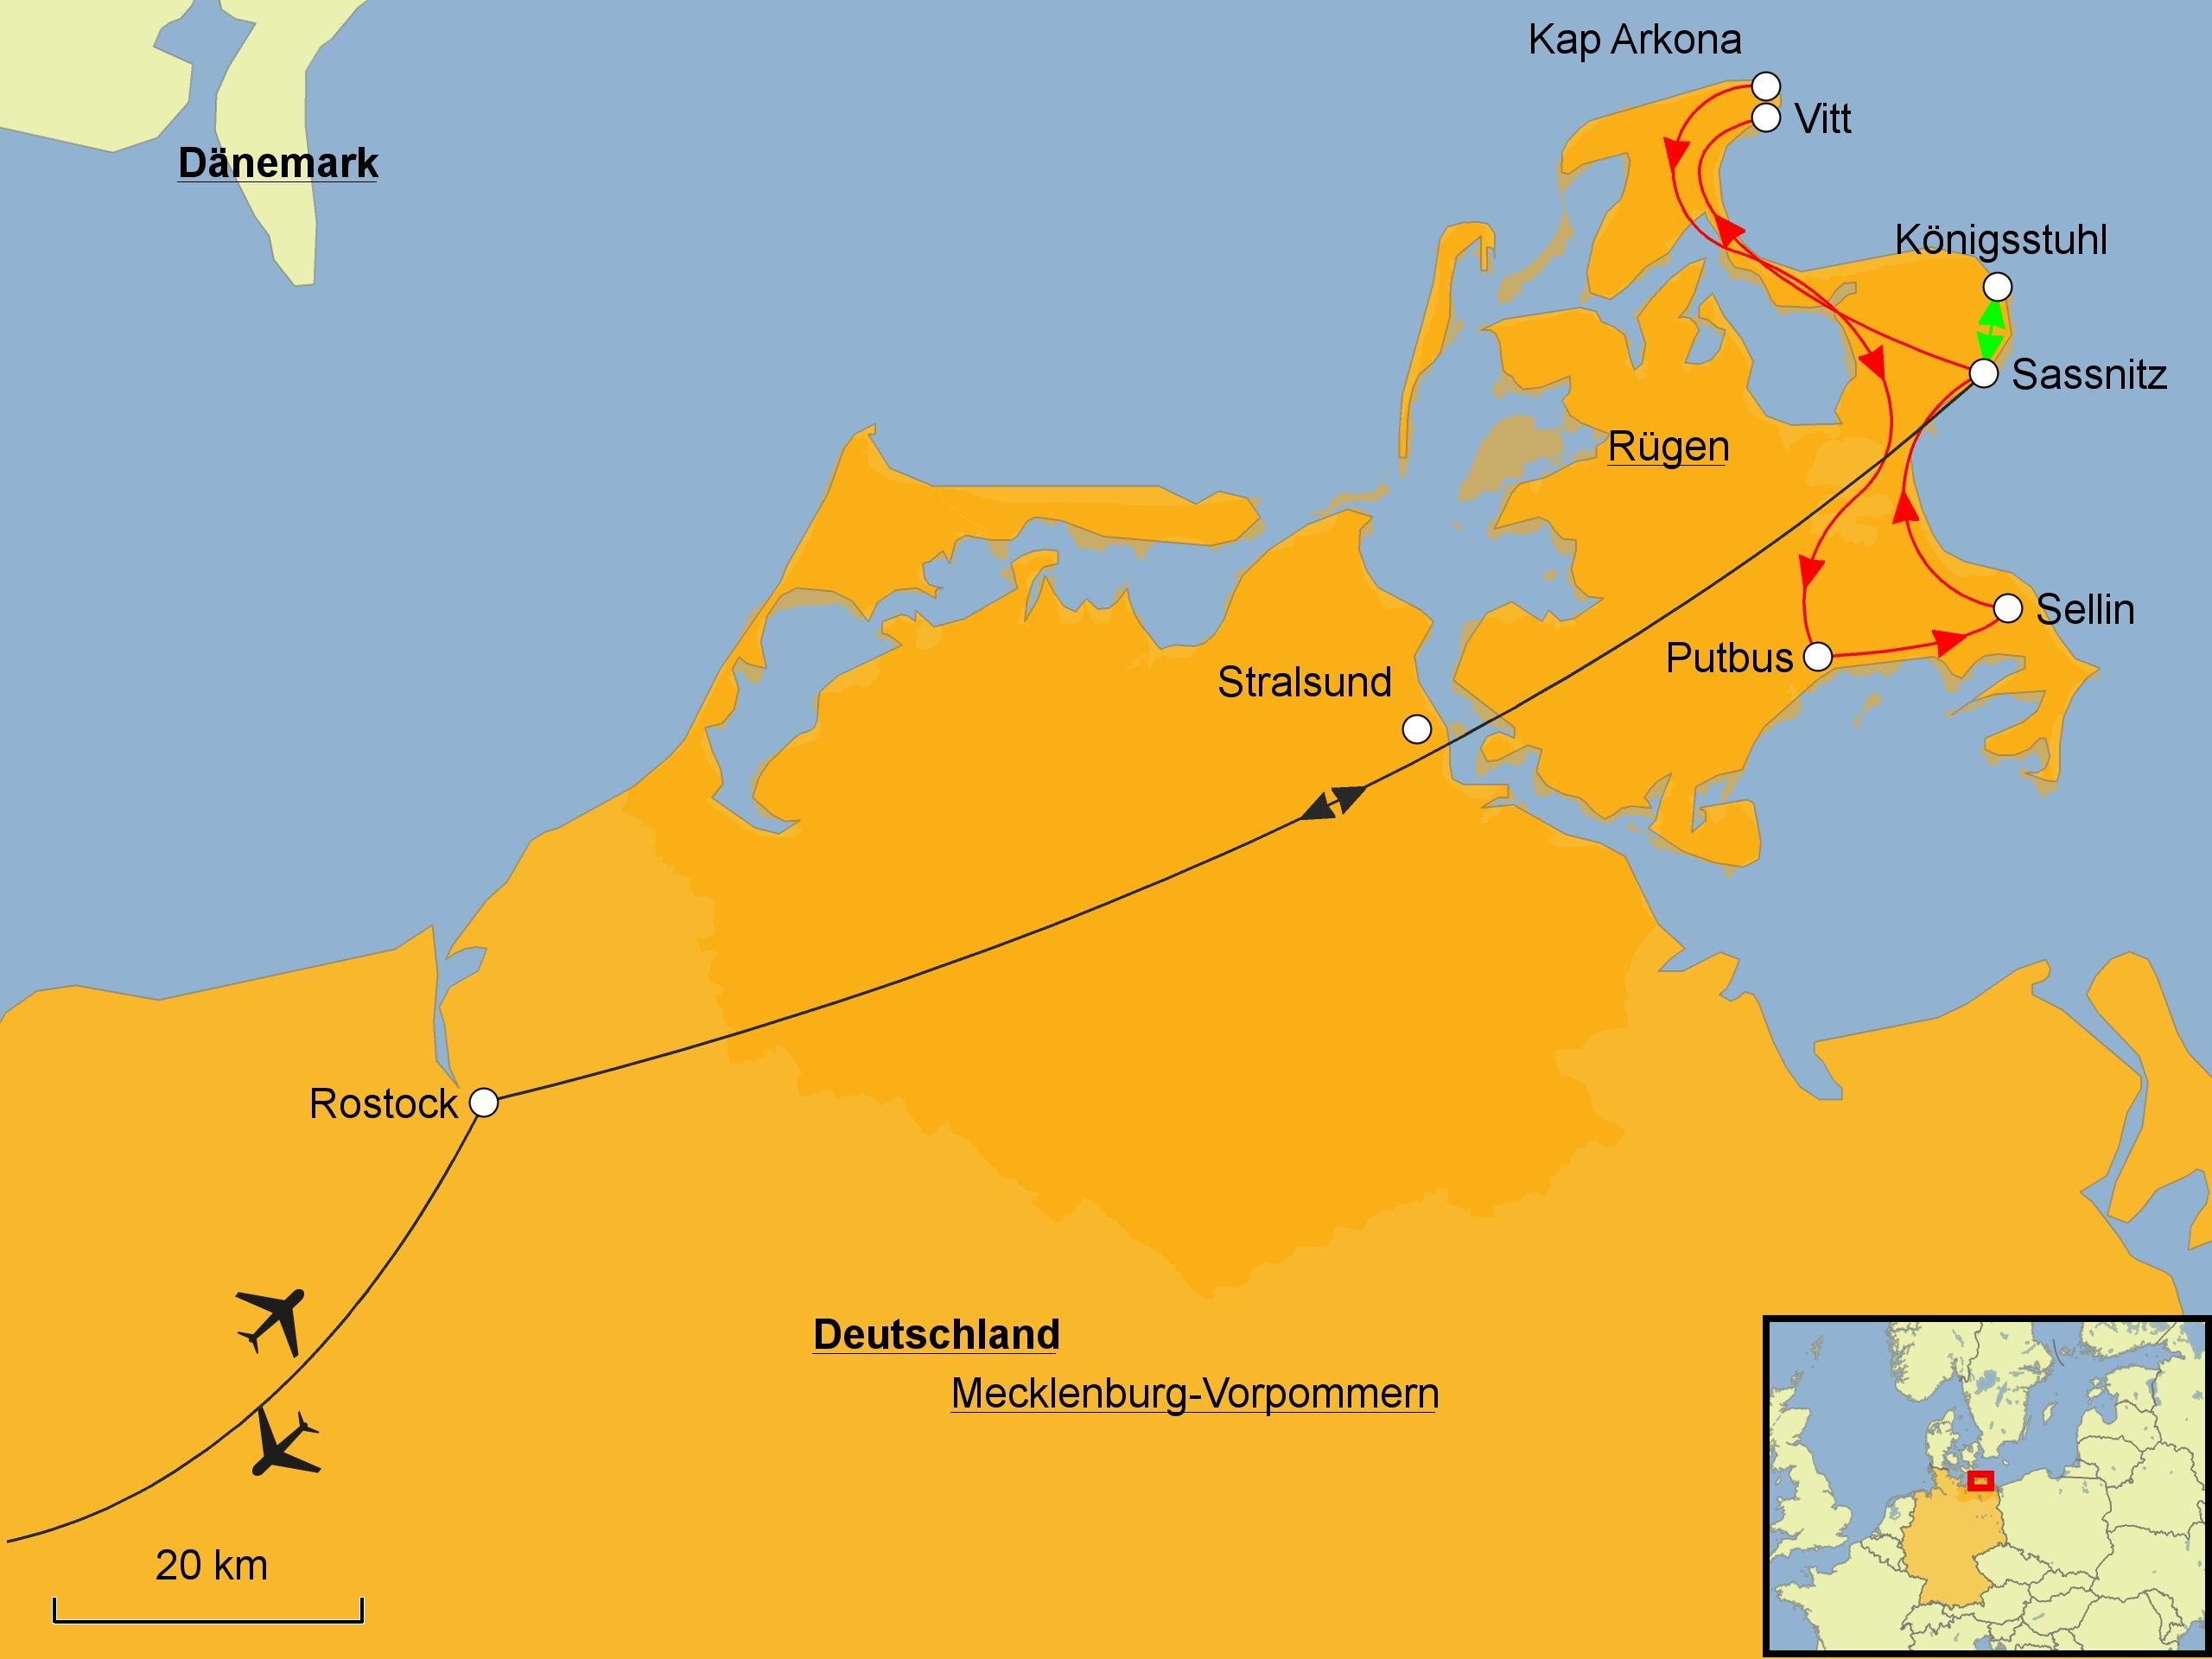 Rügen Karte.Rügen Erholen Mehr Srd Reisen